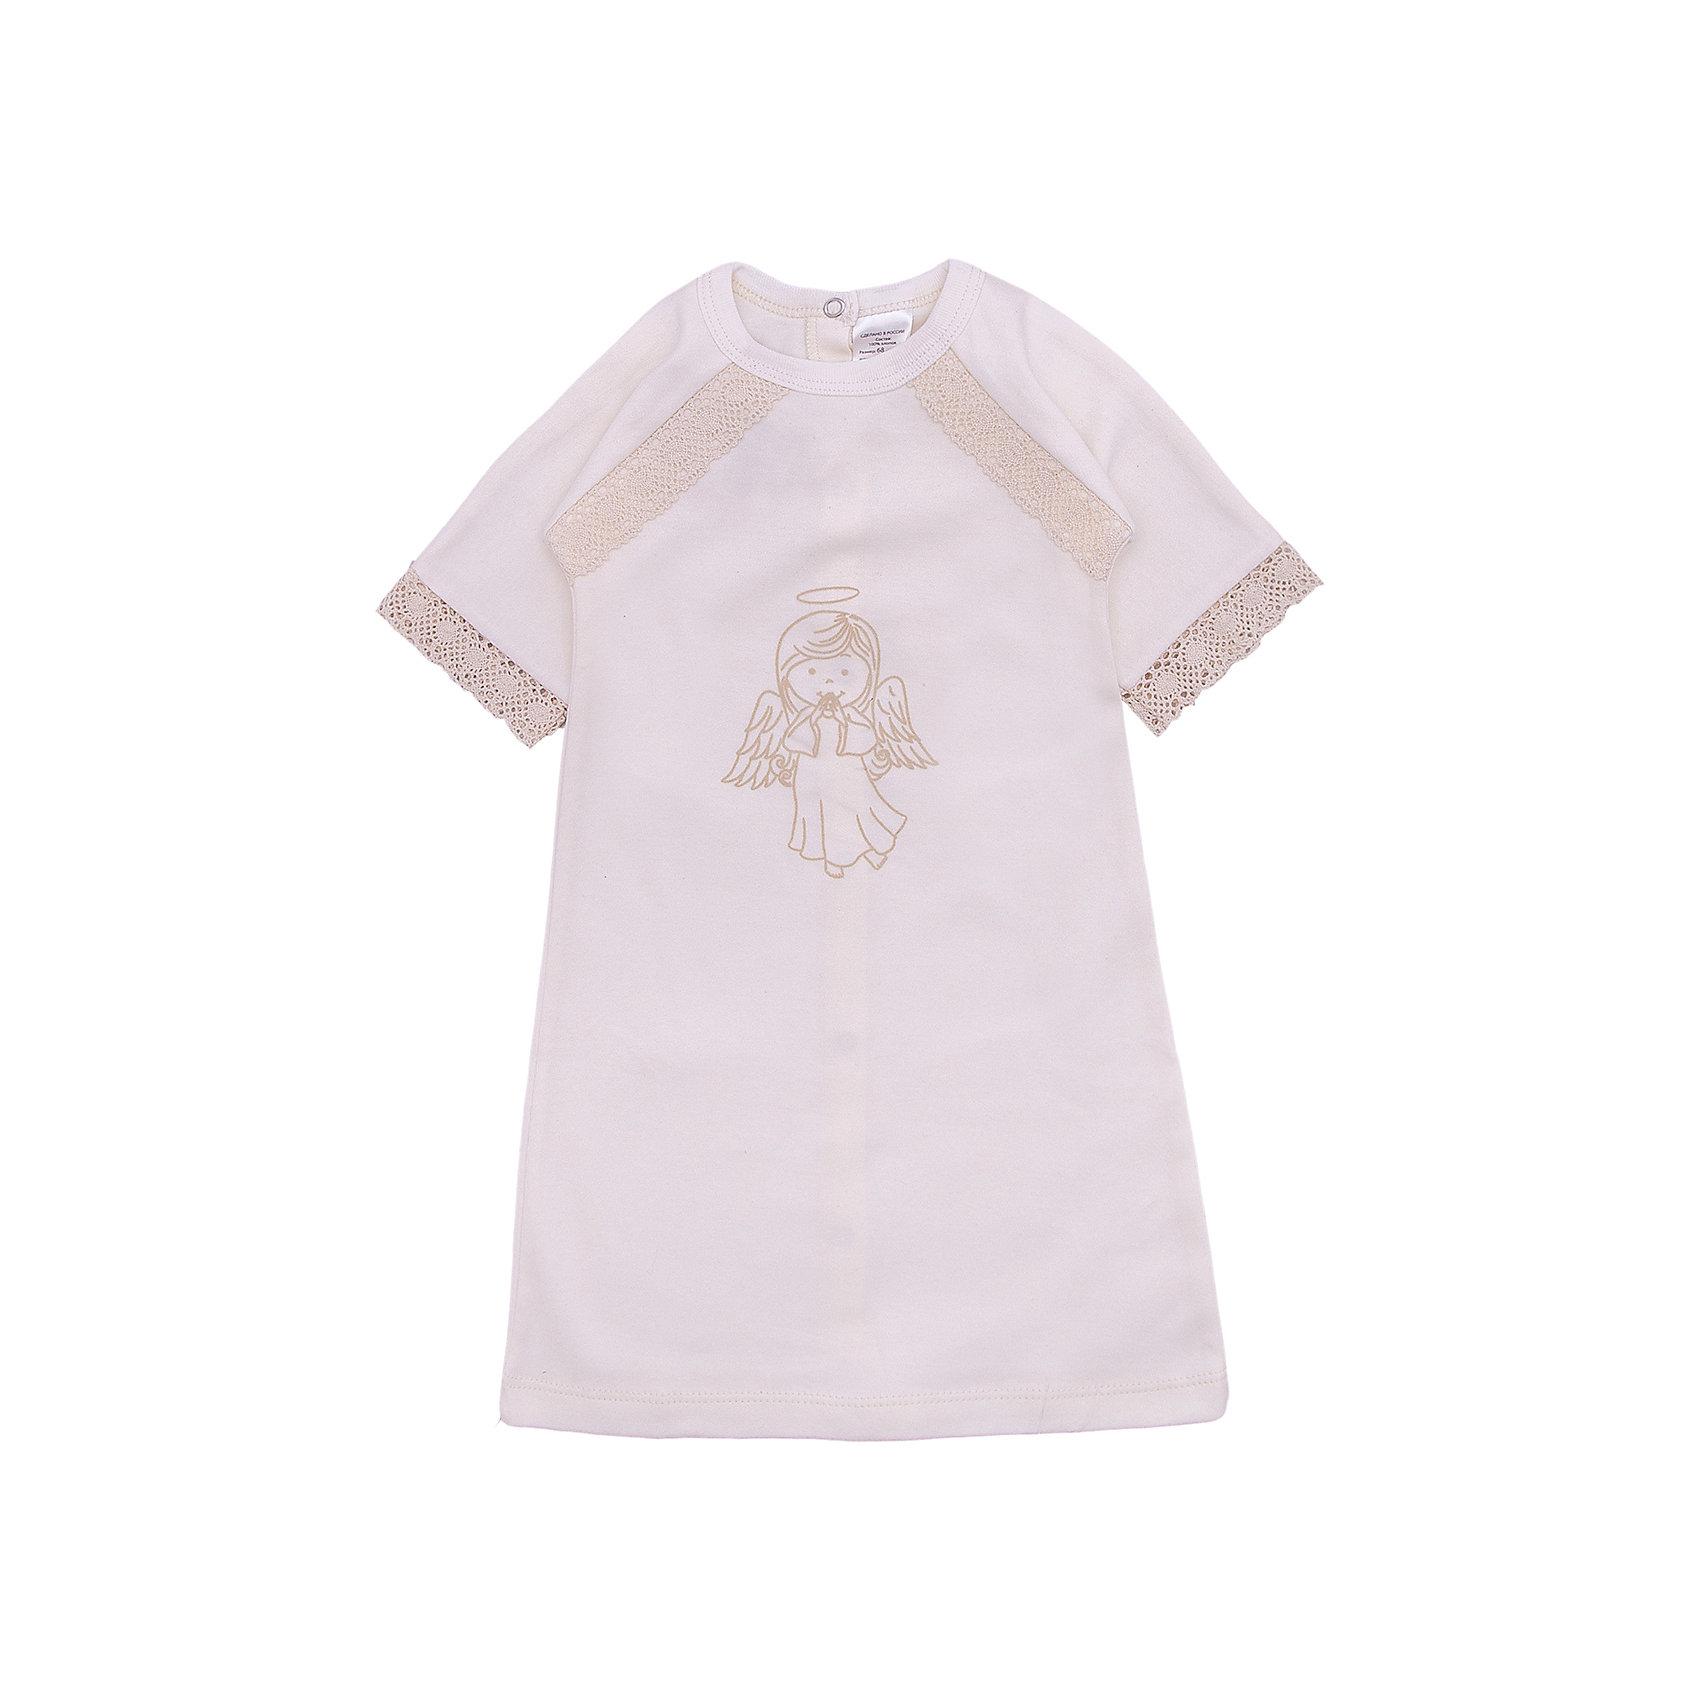 Крестильное платье с капюшоном,тесьма, р-р 68, NewBorn, белыйПлатья<br>Характеристики:<br><br>• Вид детской одежды: платье с капюшоном<br>• Предназначение: для крещения<br>• Коллекция: NewBorn<br>• Сезон: круглый год<br>• Пол: для девочки<br>• Тематика рисунка: ангелы<br>• Размер: 68<br>• Цвет: белый, золотистый<br>• Материал: трикотаж, хлопок<br>• Длина рукава: короткие<br>• Запах: спереди<br>• Застежка: спереди на кнопке<br>• Наличие капюшона<br>• Декорировано широкой тесьмой из шитья <br>• Передняя полочка украшена термонаклейкой в виде ангела<br>• Особенности ухода: допускается деликатная стирка без использования красящих и отбеливающих средств<br><br>Крестильное платье с капюшоном, тесьма, р-р 68, NewBorn, белый из коллекции NewBorn от отечественного швейного производства ТексПром предназначено для создания праздничного образа девочки во время торжественного обряда крещения. Платье представлено в коллекции NewBorn, которая сочетает в себе классические и современные тенденции в мире моды для новорожденных, при этом при технологии изготовления детской одежды сохраняются самые лучшие традиции: свободный крой, внешние швы и натуральные ткани. Платье с короткими рукавами и капюшоном выполнено из трикотажа, все края обработаны трикотажной бейкой золотистого цвета. Изделие имеет передний запах с застежками на кнопках, что обеспечивает его легкое одевание. Праздничный образ создается за счет отделки рукавов, капюшона и низа платья широким кружевом золотистого цвета и термонаклейки на передней полочке в виде ангела. <br><br>Крестильное платье с капюшоном, тесьма, р-р 68, NewBorn, белый можно купить в нашем интернет-магазине.<br><br>Ширина мм: 220<br>Глубина мм: 5<br>Высота мм: 400<br>Вес г: 200<br>Возраст от месяцев: 3<br>Возраст до месяцев: 6<br>Пол: Женский<br>Возраст: Детский<br>SKU: 4912516